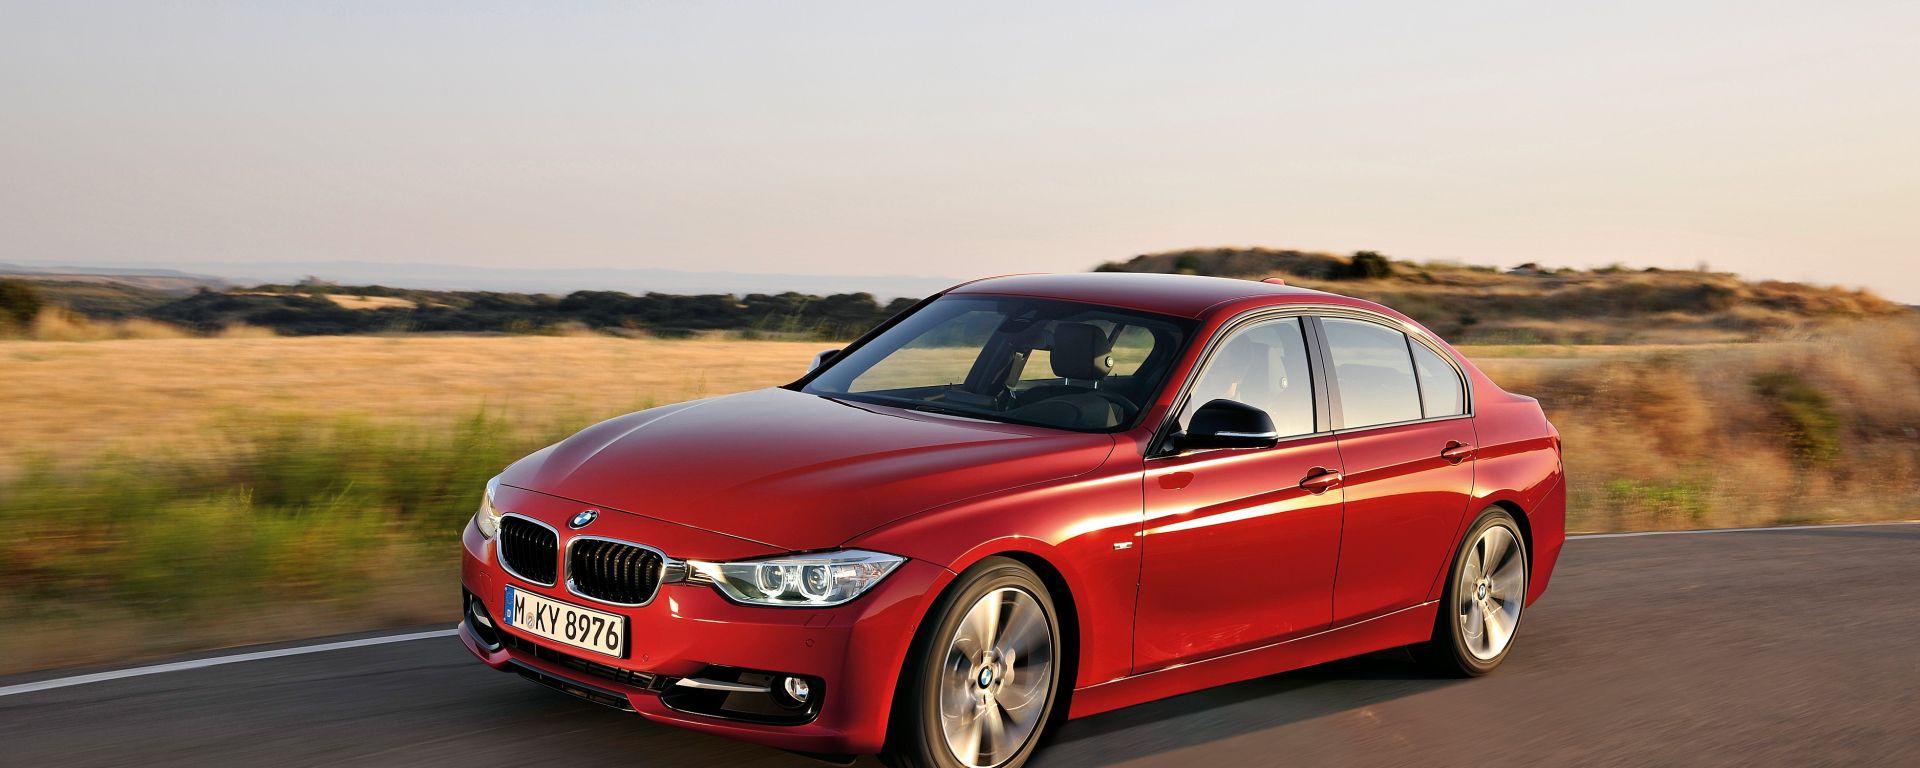 BMW Serie 3 2012, primi dettagli e foto in HD